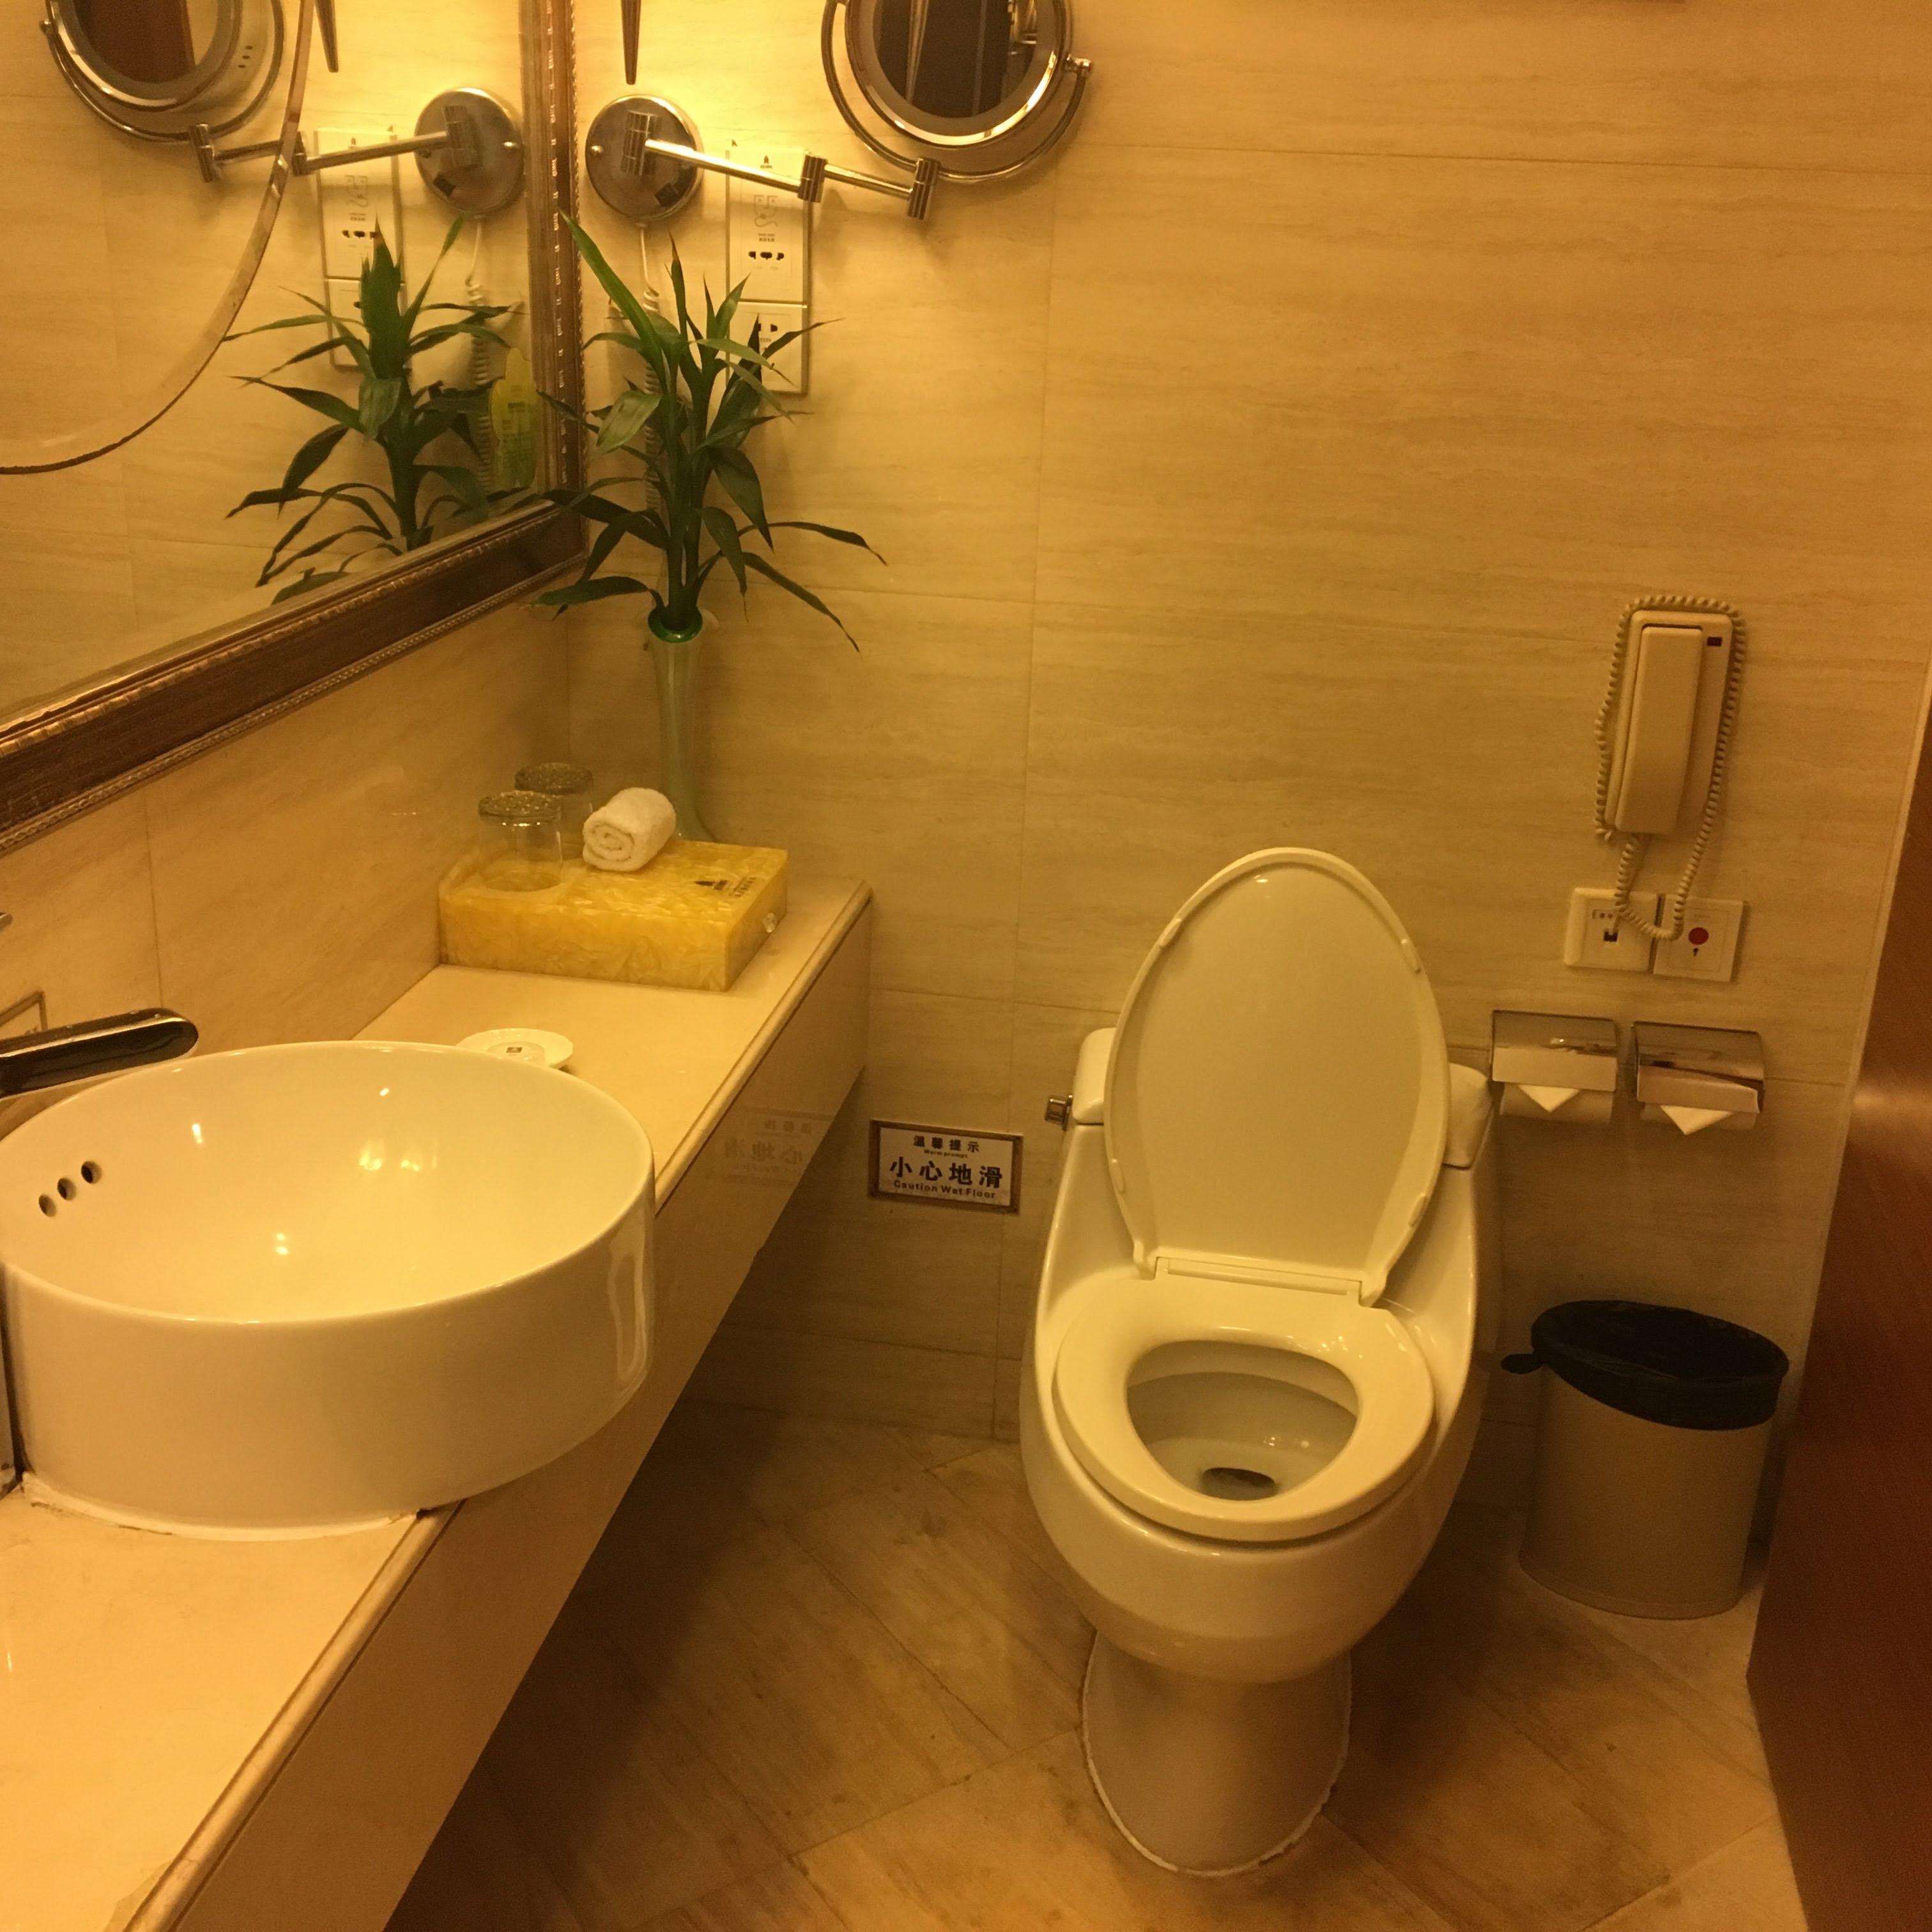 ヴィリインターナショナルホテル(威尼国際酒店)